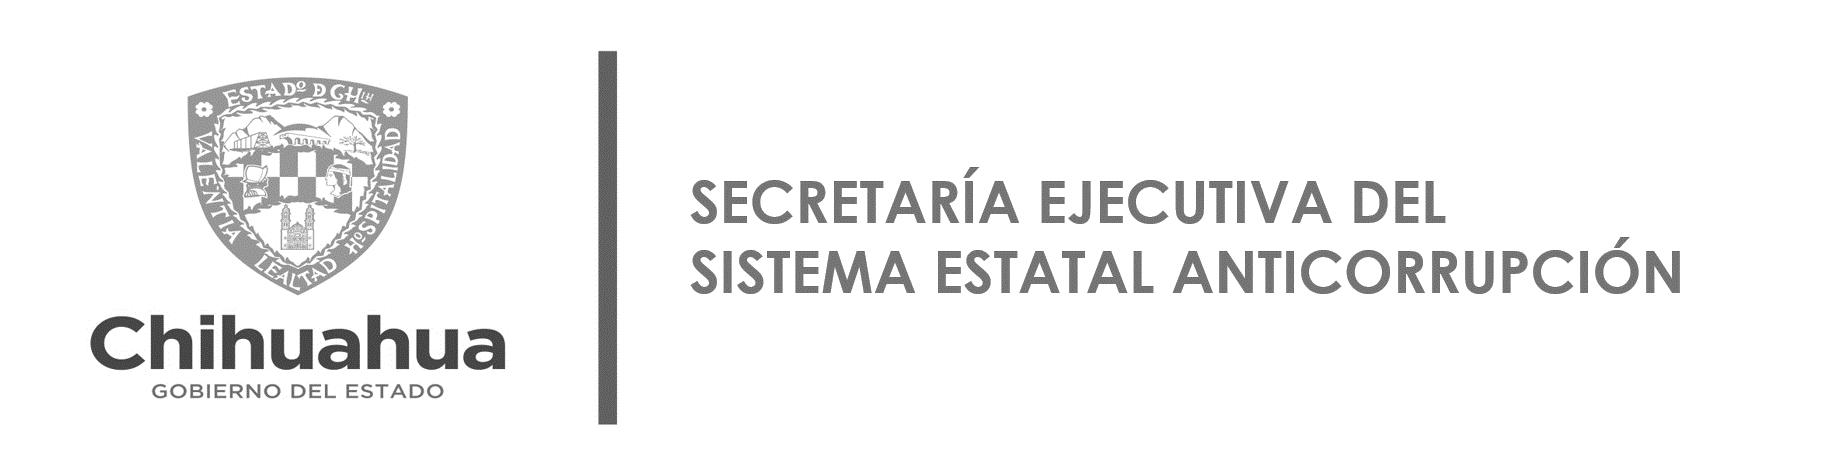 Secretaría Ejecutiva del Sistema Estatal Anticorrupción